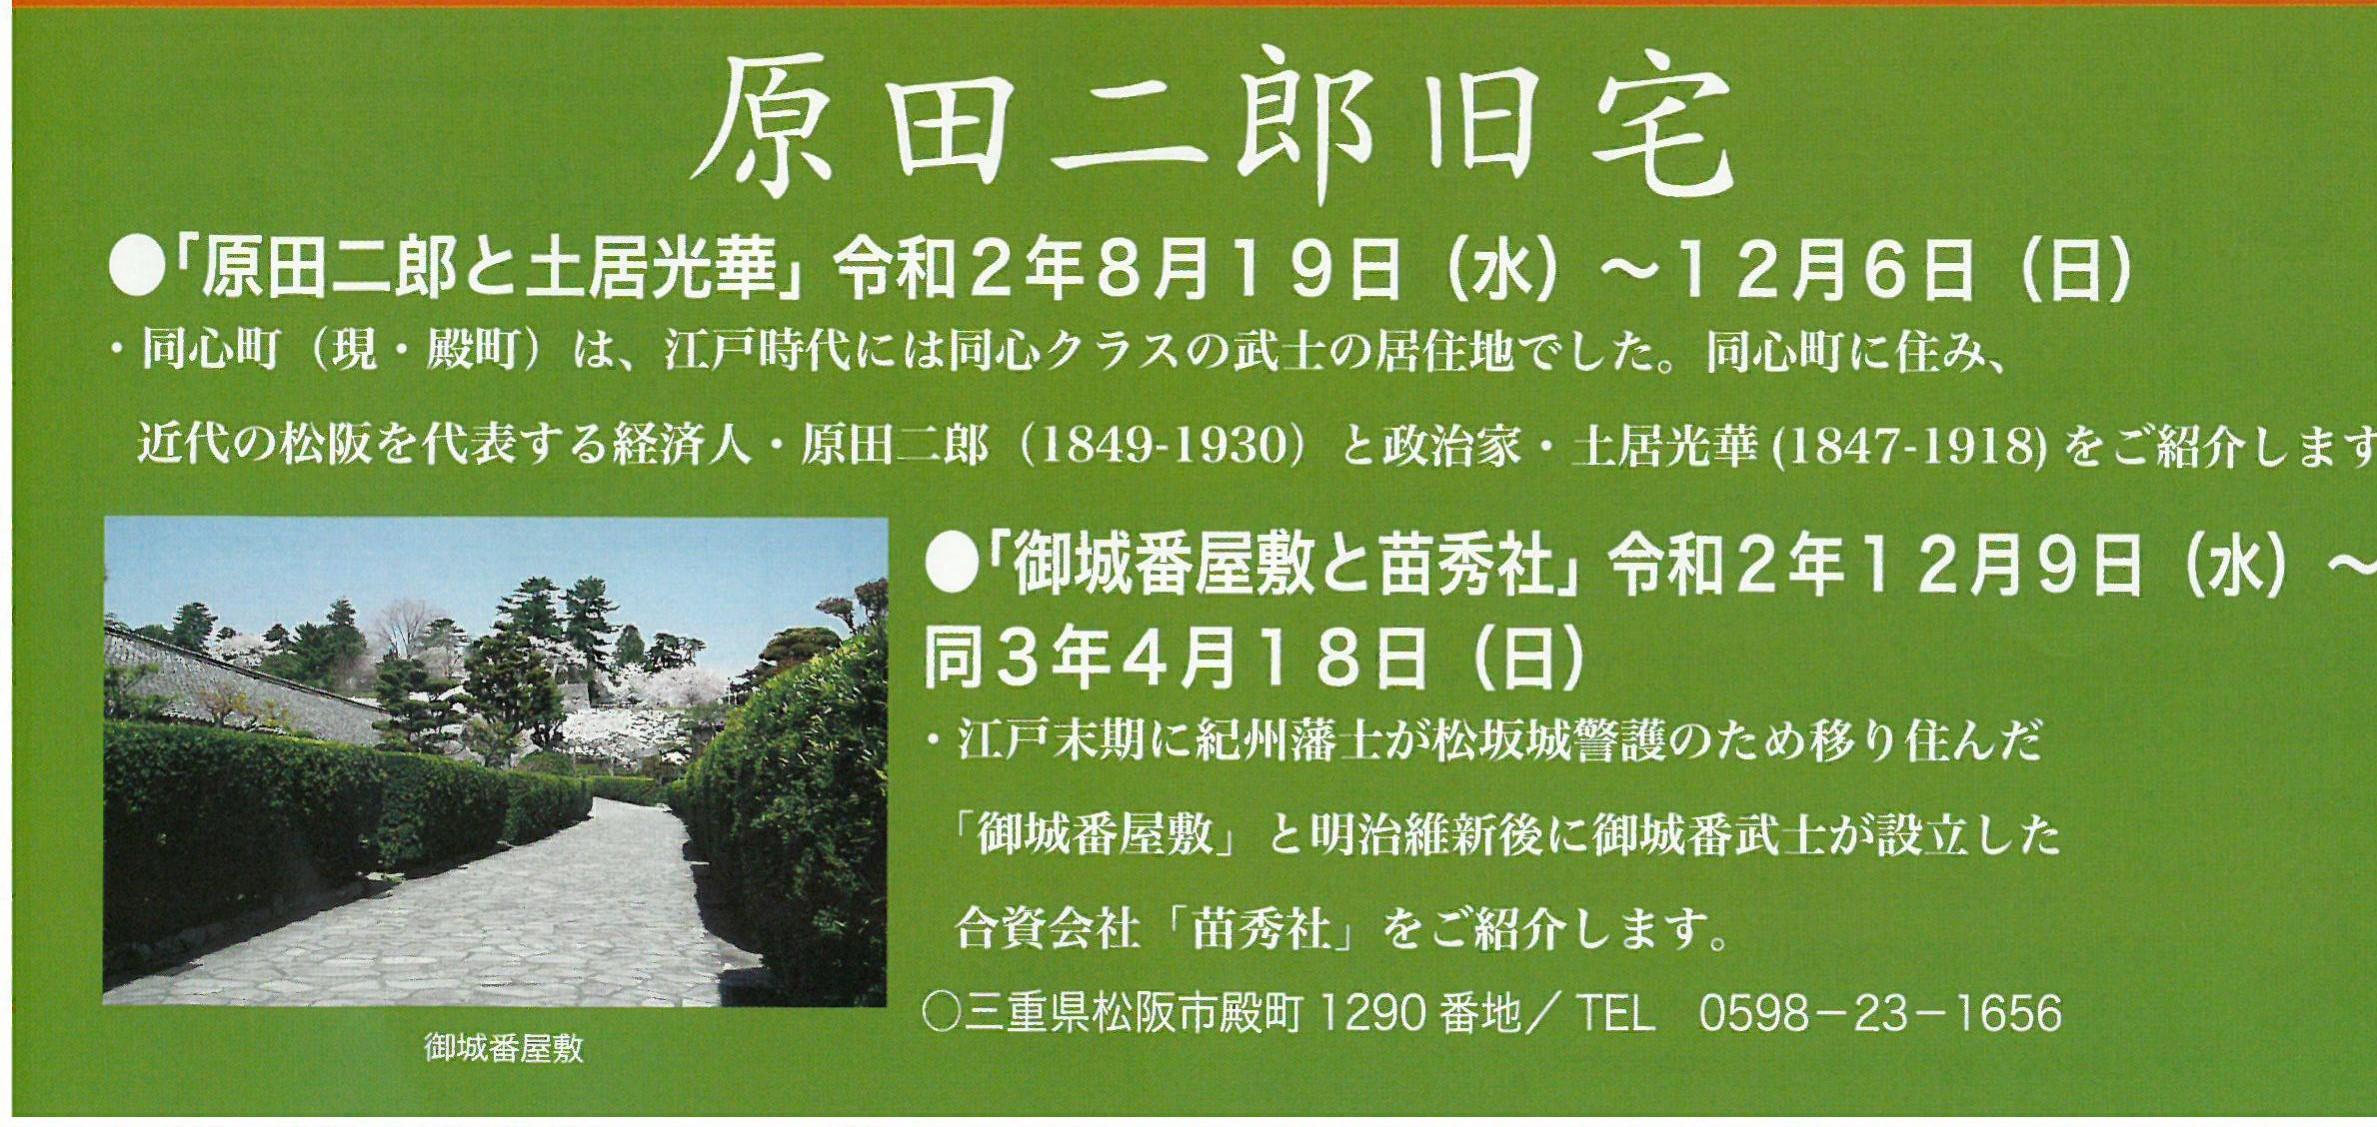 原田KM_C25820100216530_01 - コピー